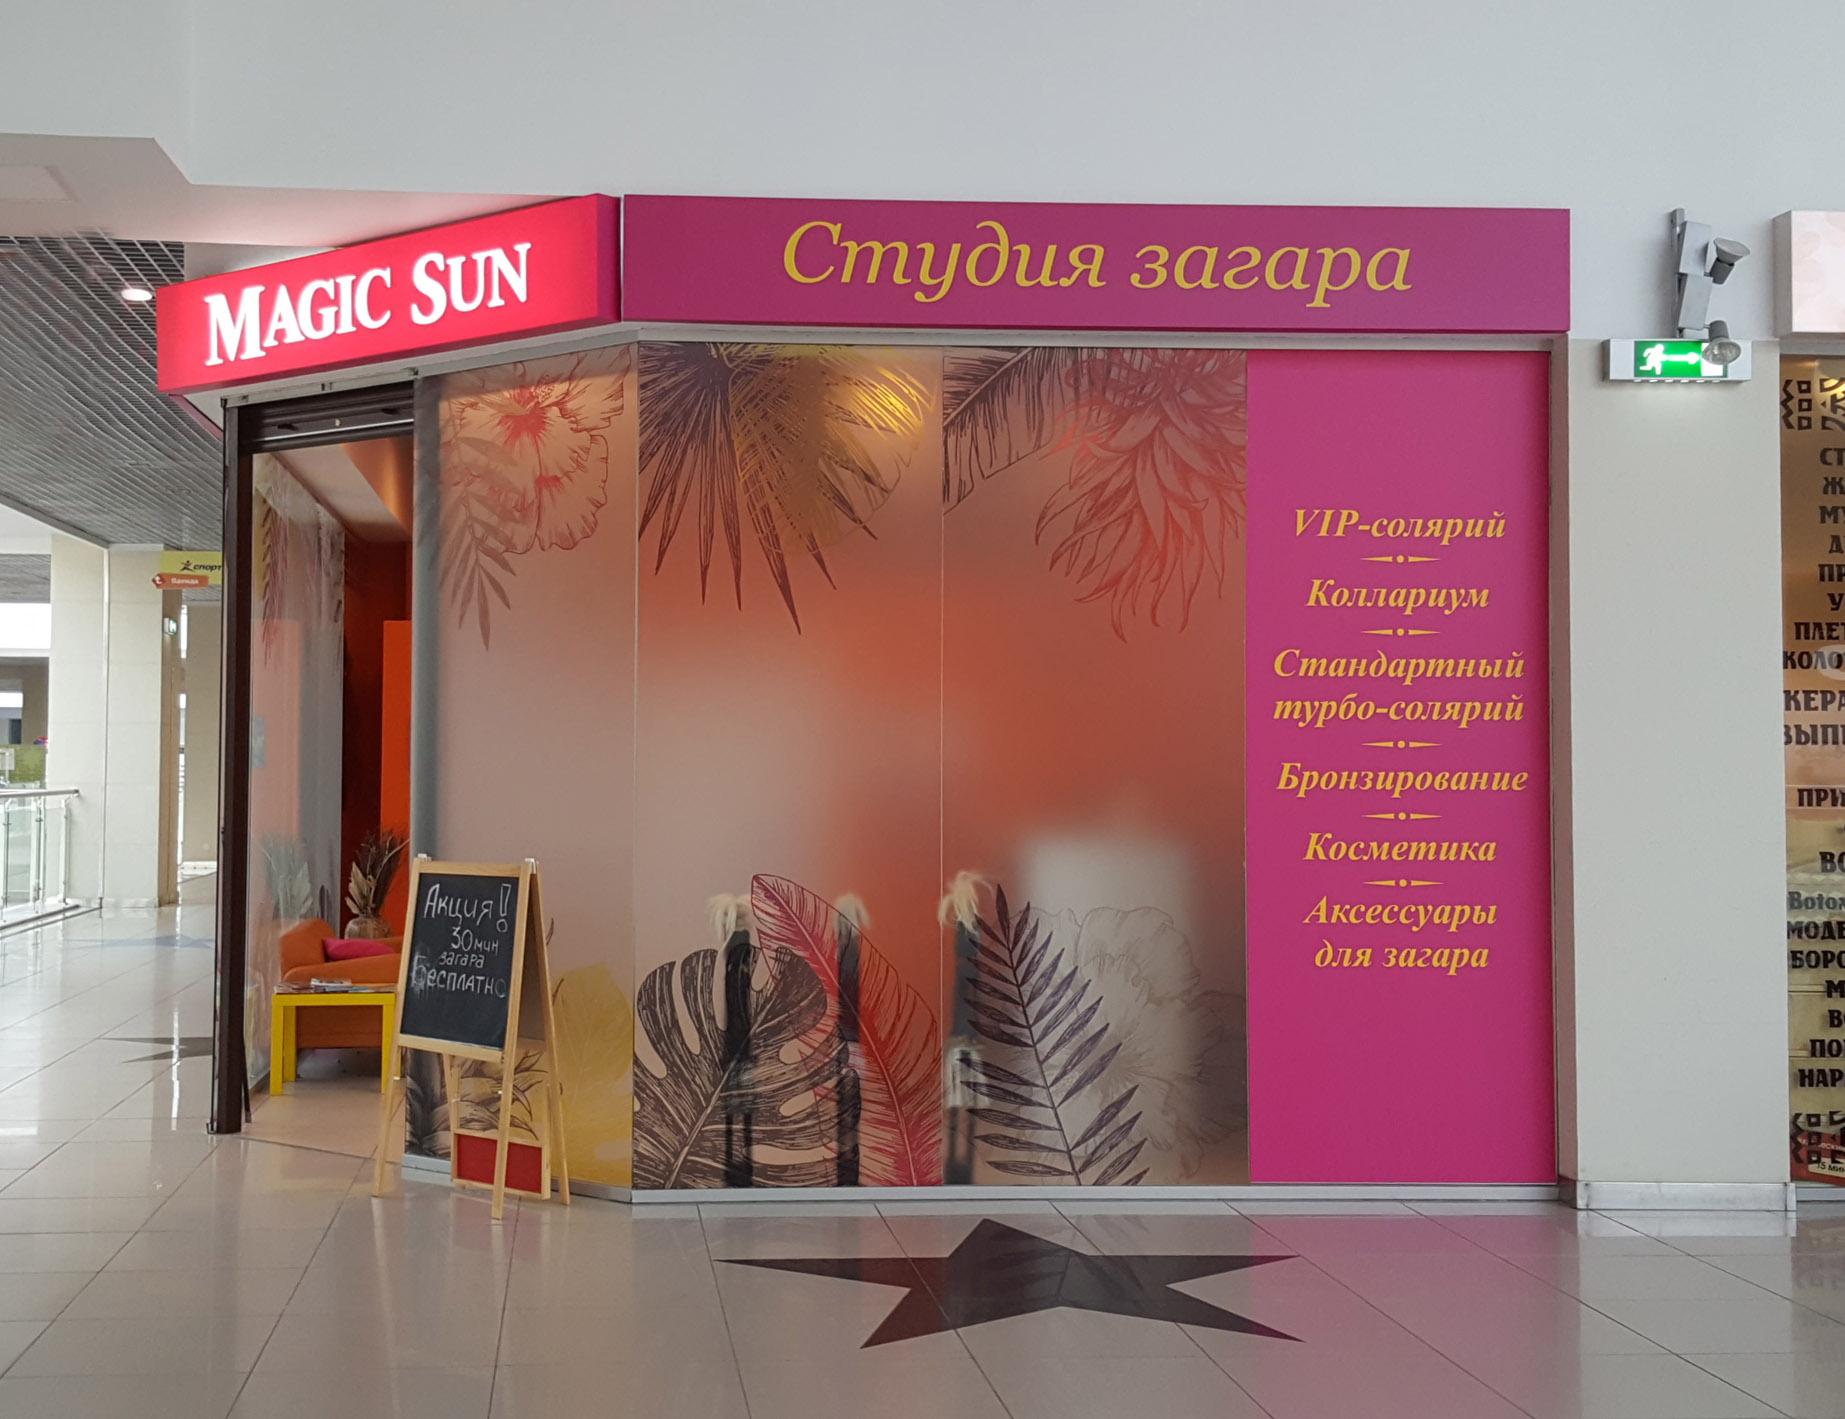 Оформление студии загара Magic Sun ТРК Комсомолл